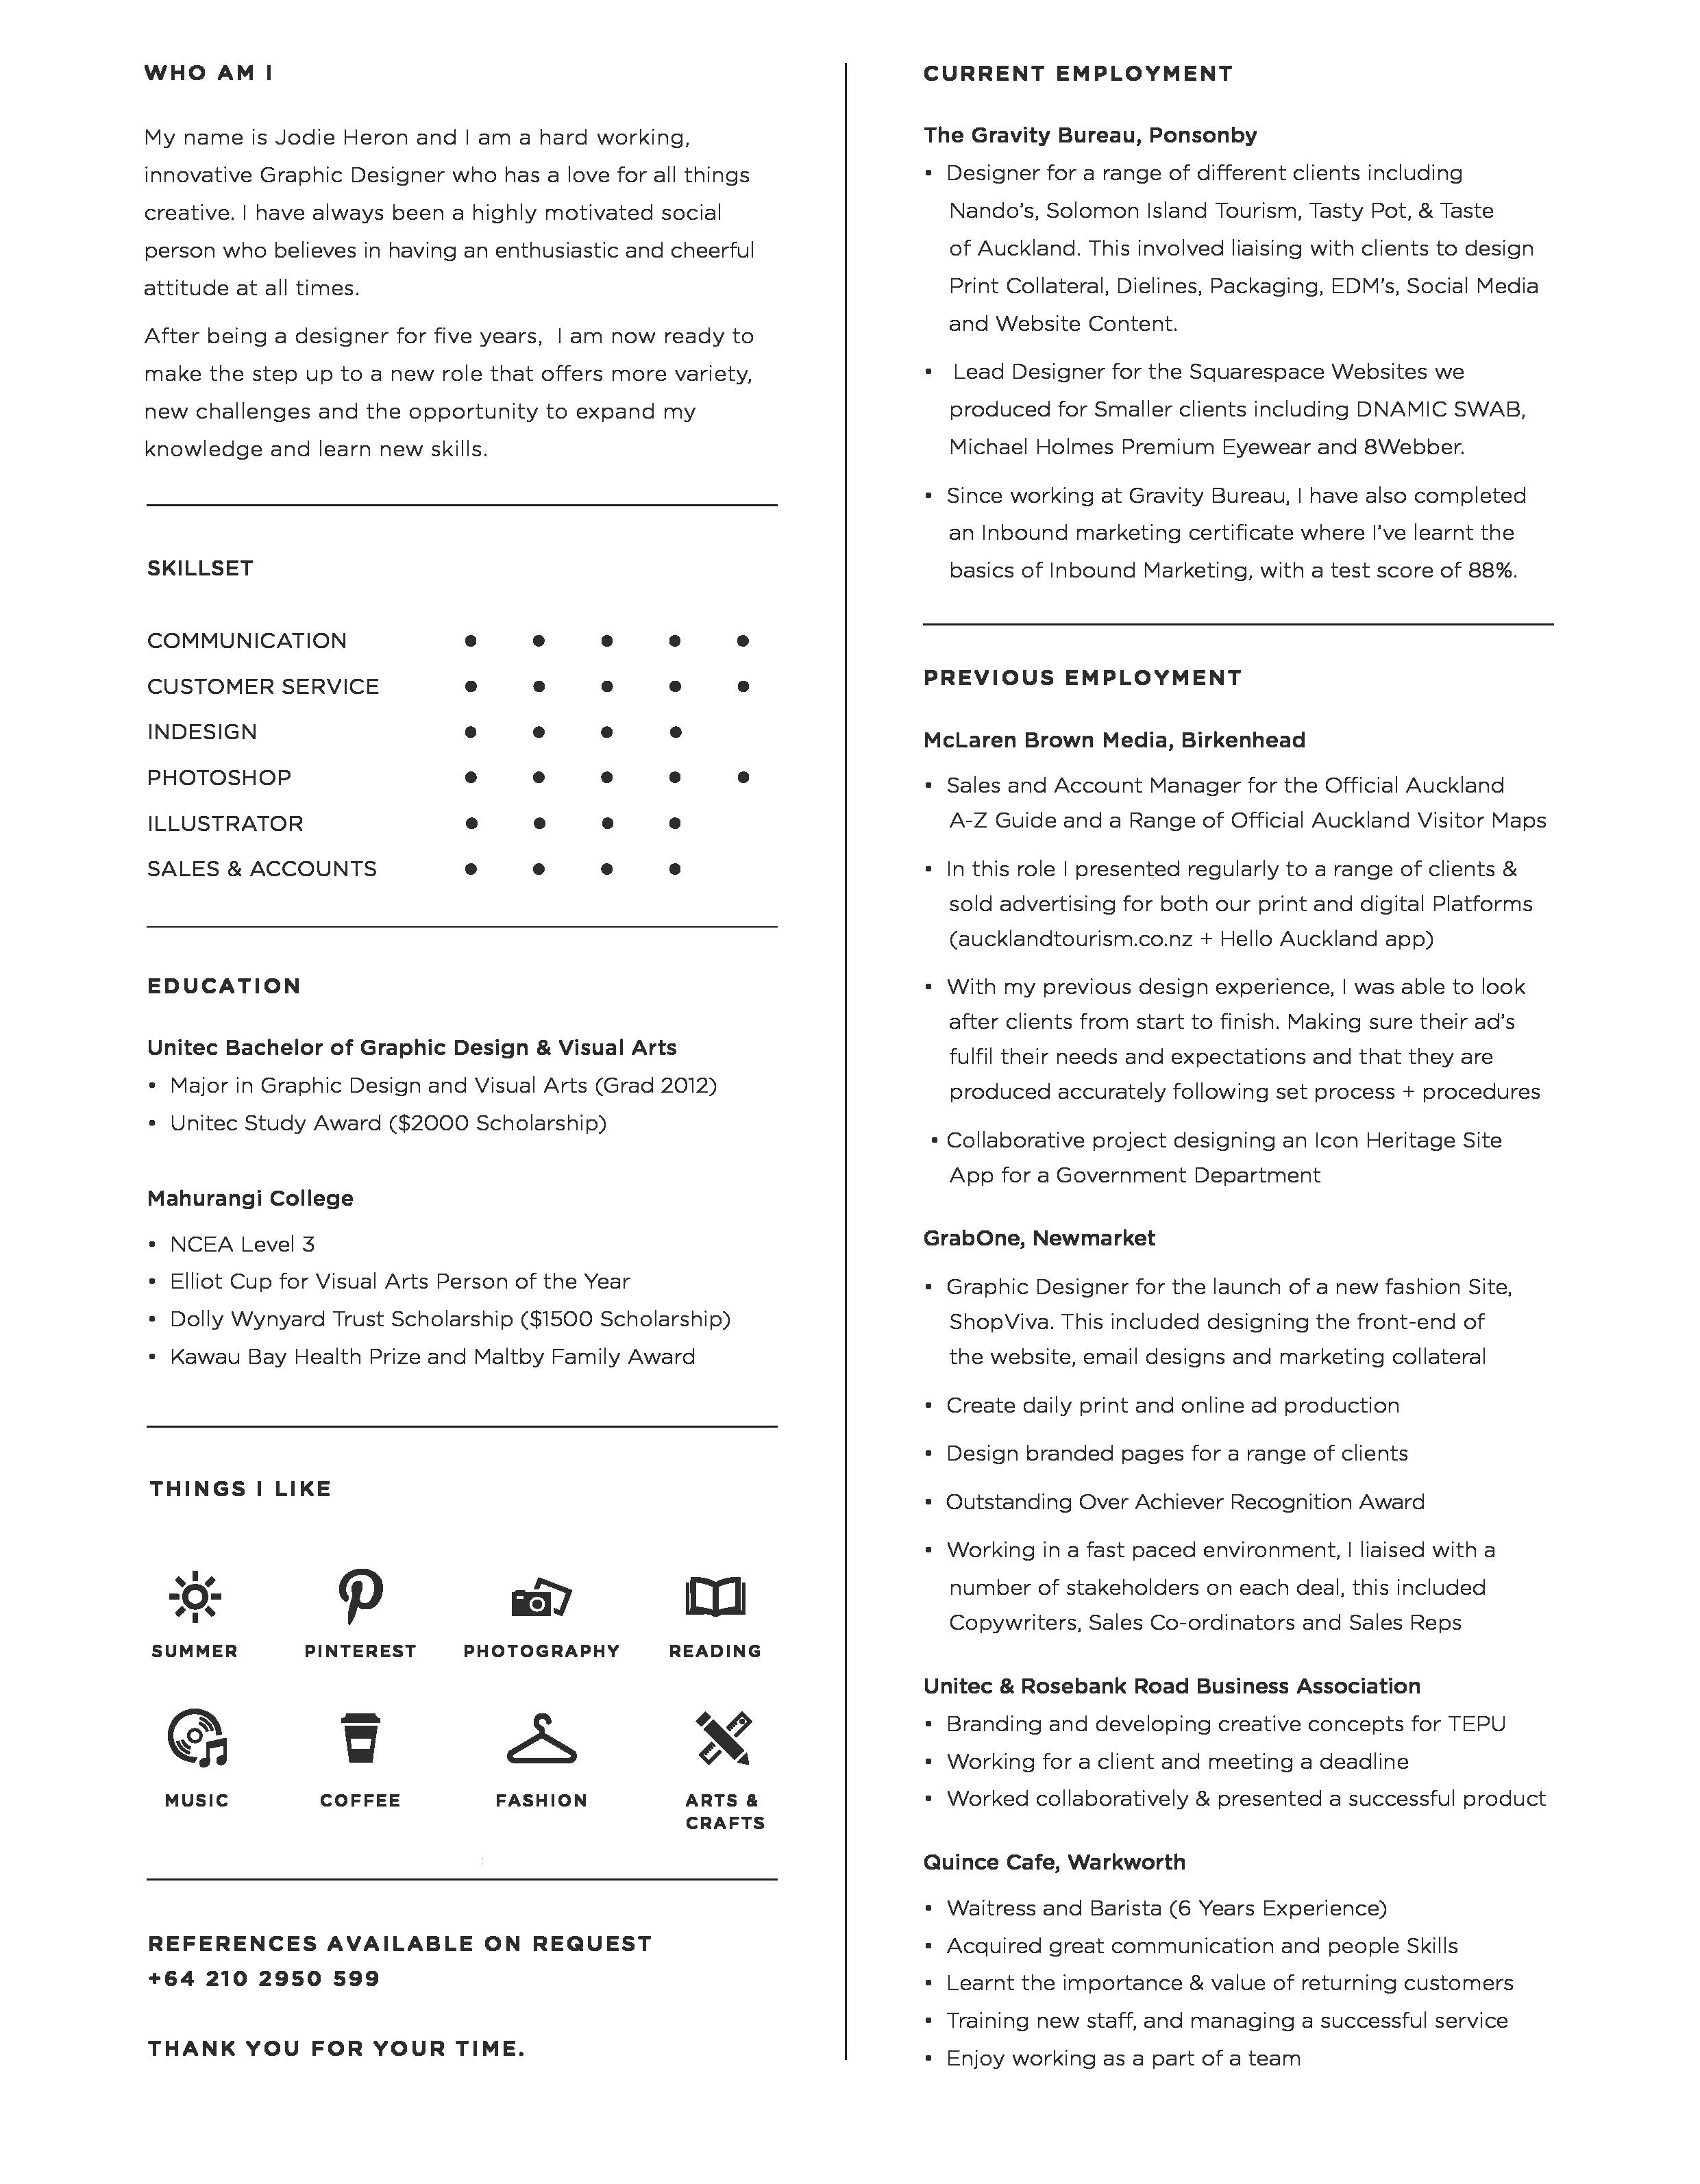 jodie-heron-resume-1 [Recovered]-03.png